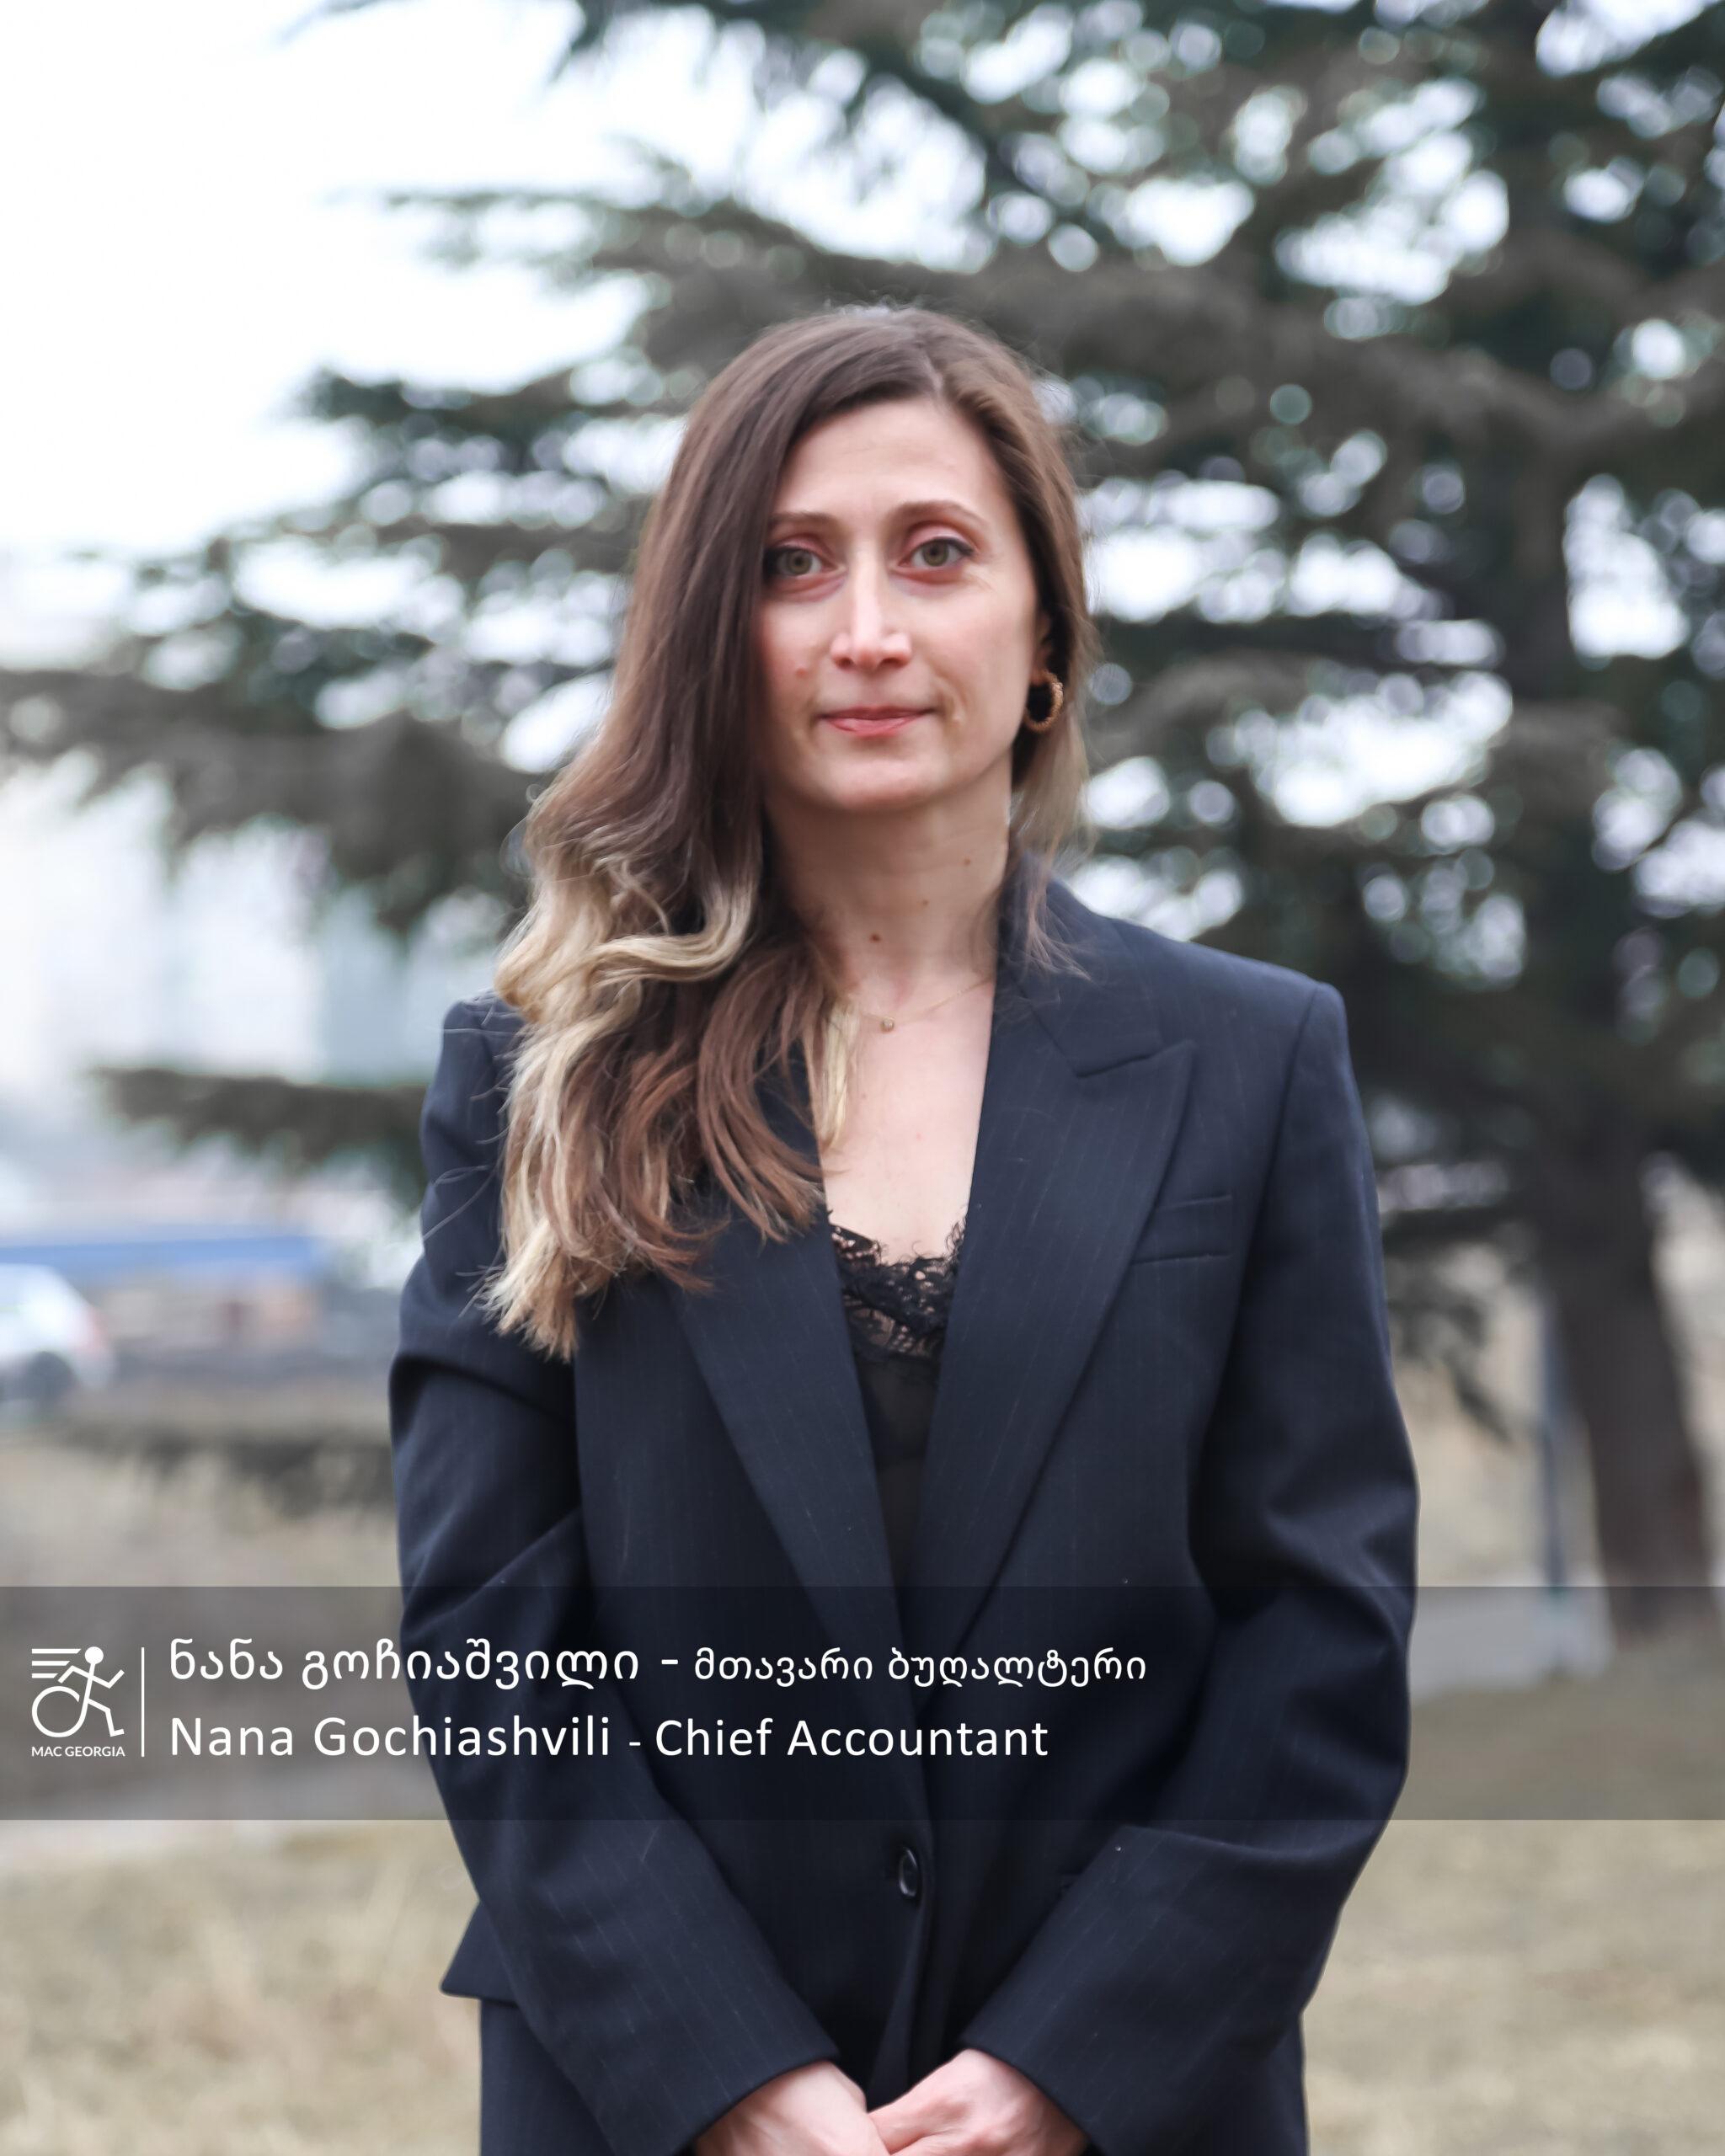 Nana Gochiashvili